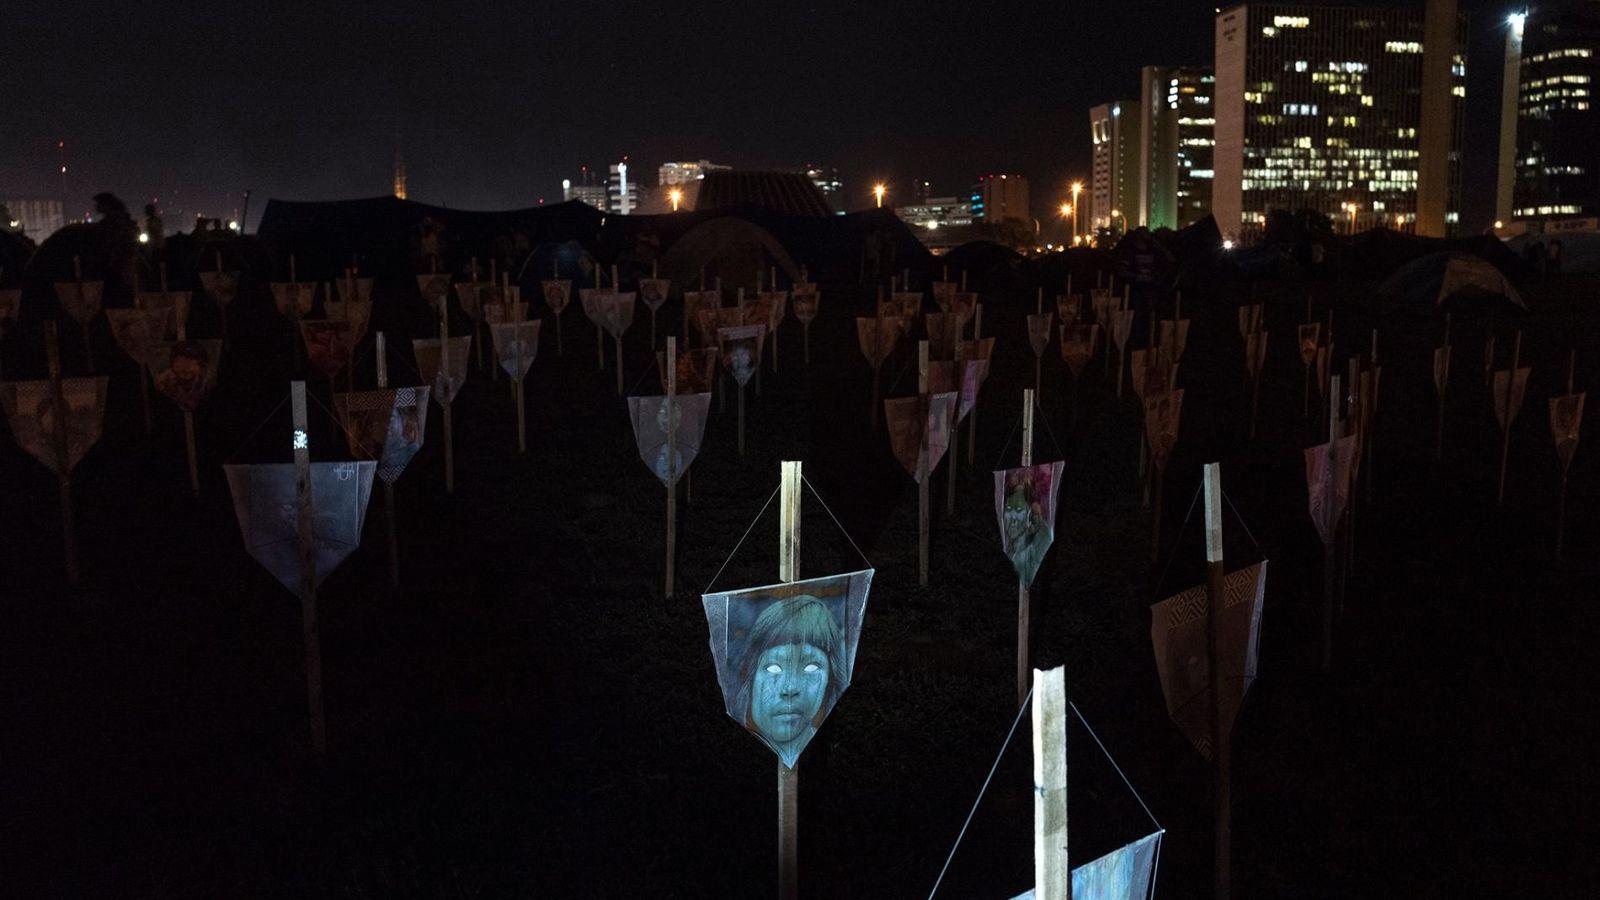 Instalação de arte em Brasília homenageia indígenas assassinados no Brasil em 2019. A obra foi exposta ...